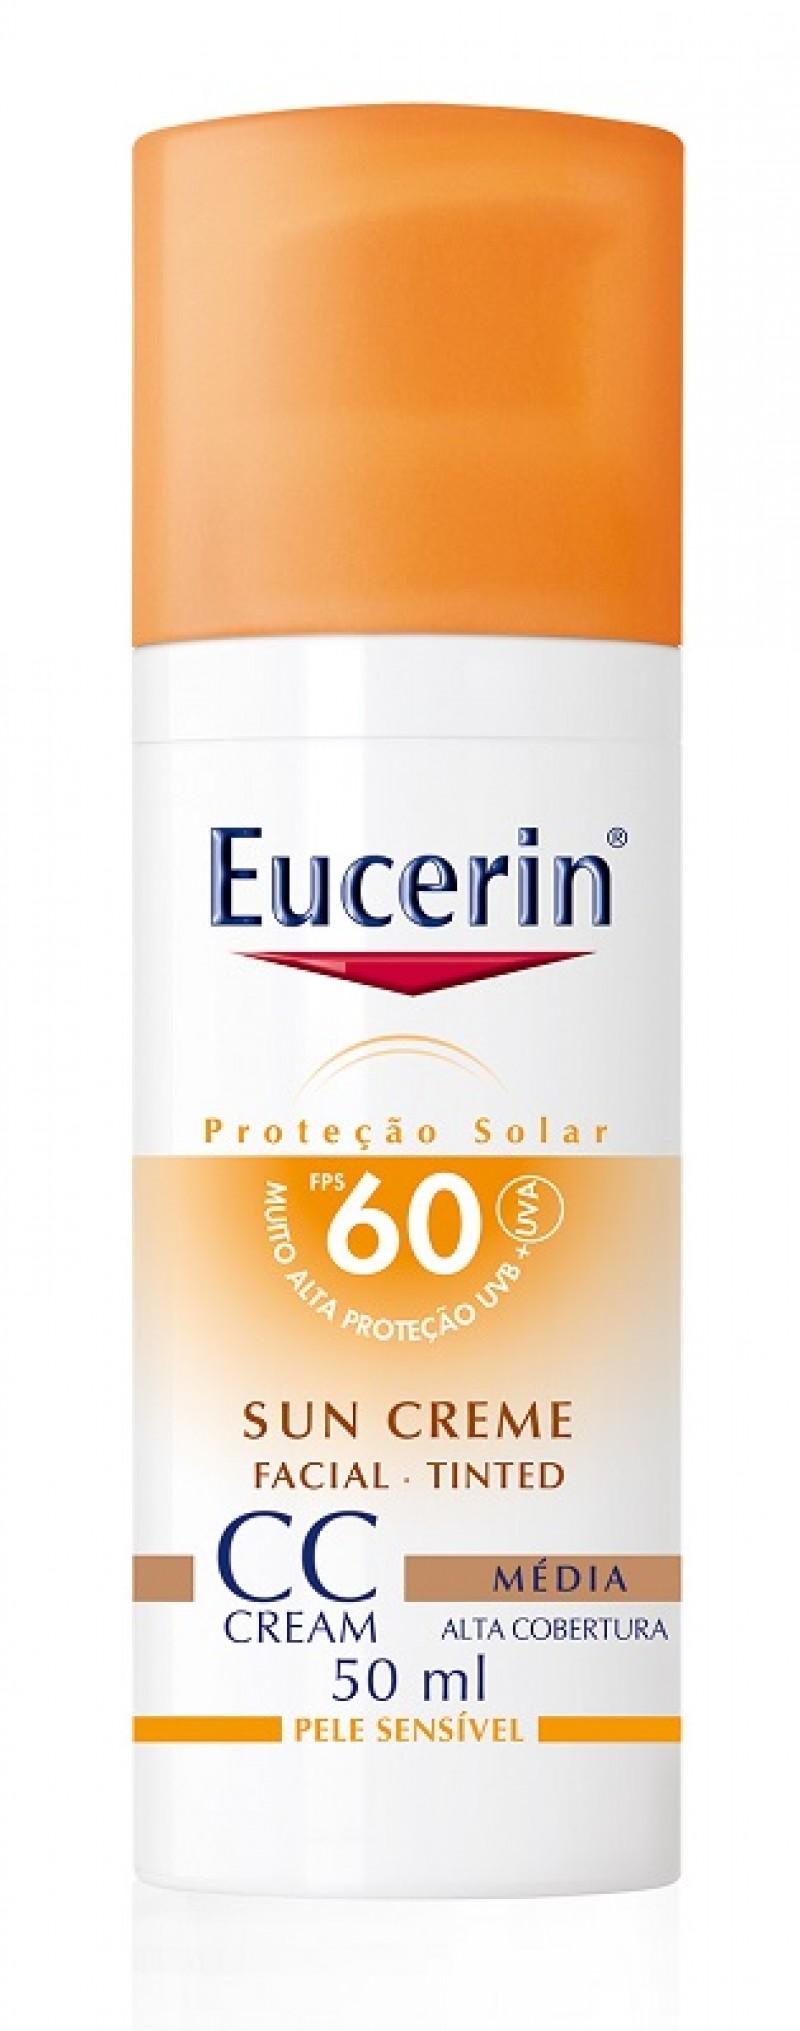 Eucerin lança primeiro protetor solar facial CC Cream